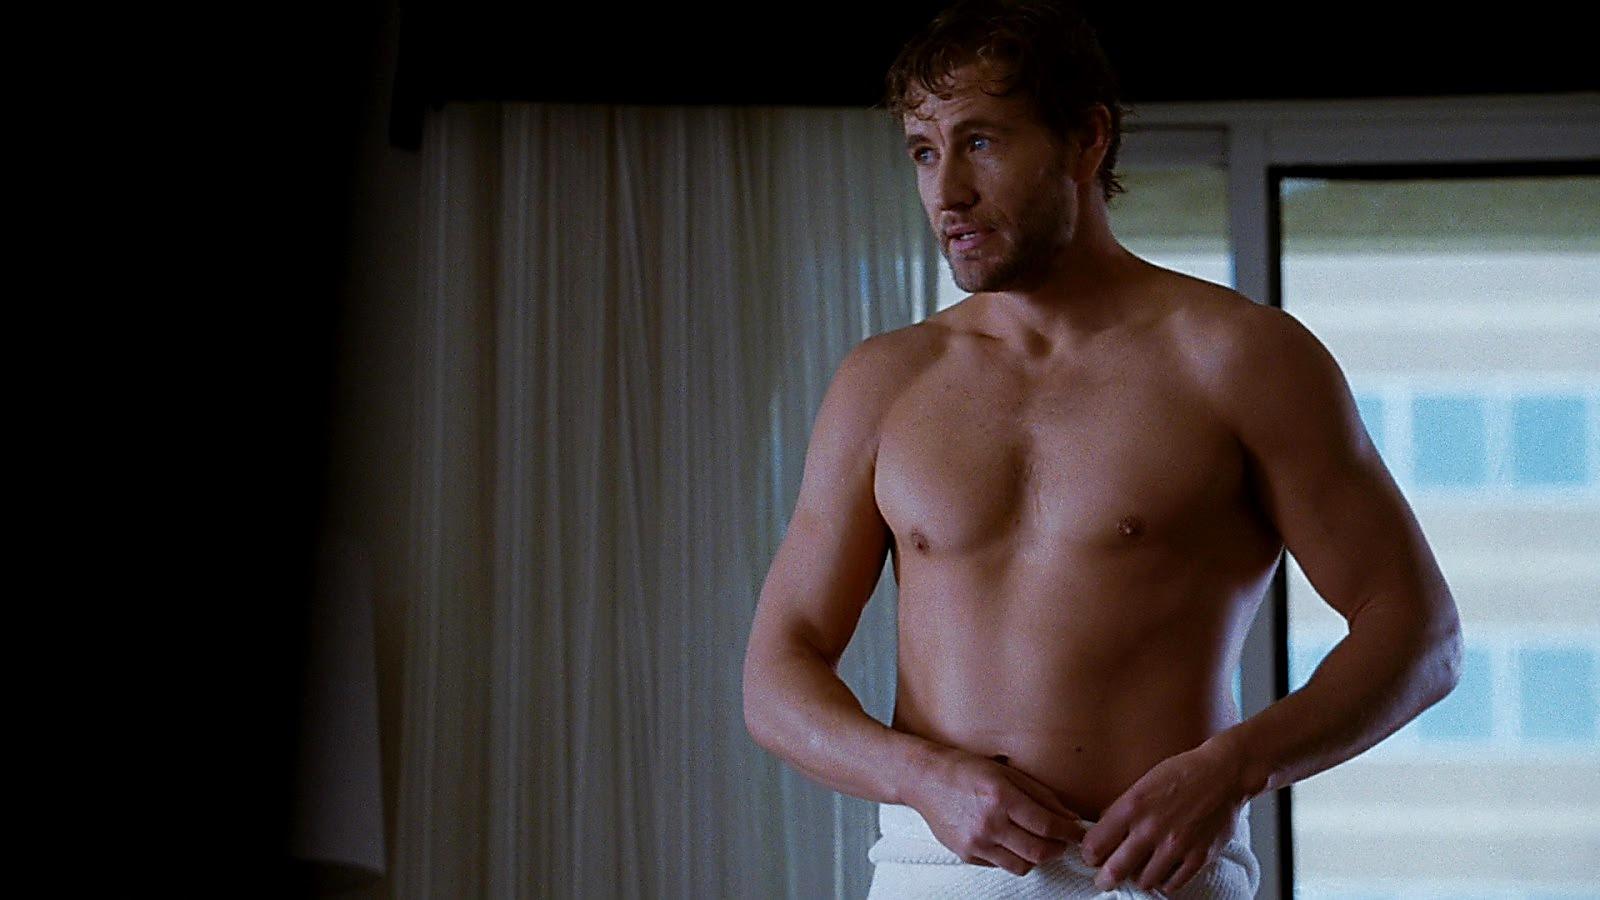 Brett Tucker sexy shirtless scene June 8, 2020, 3pm